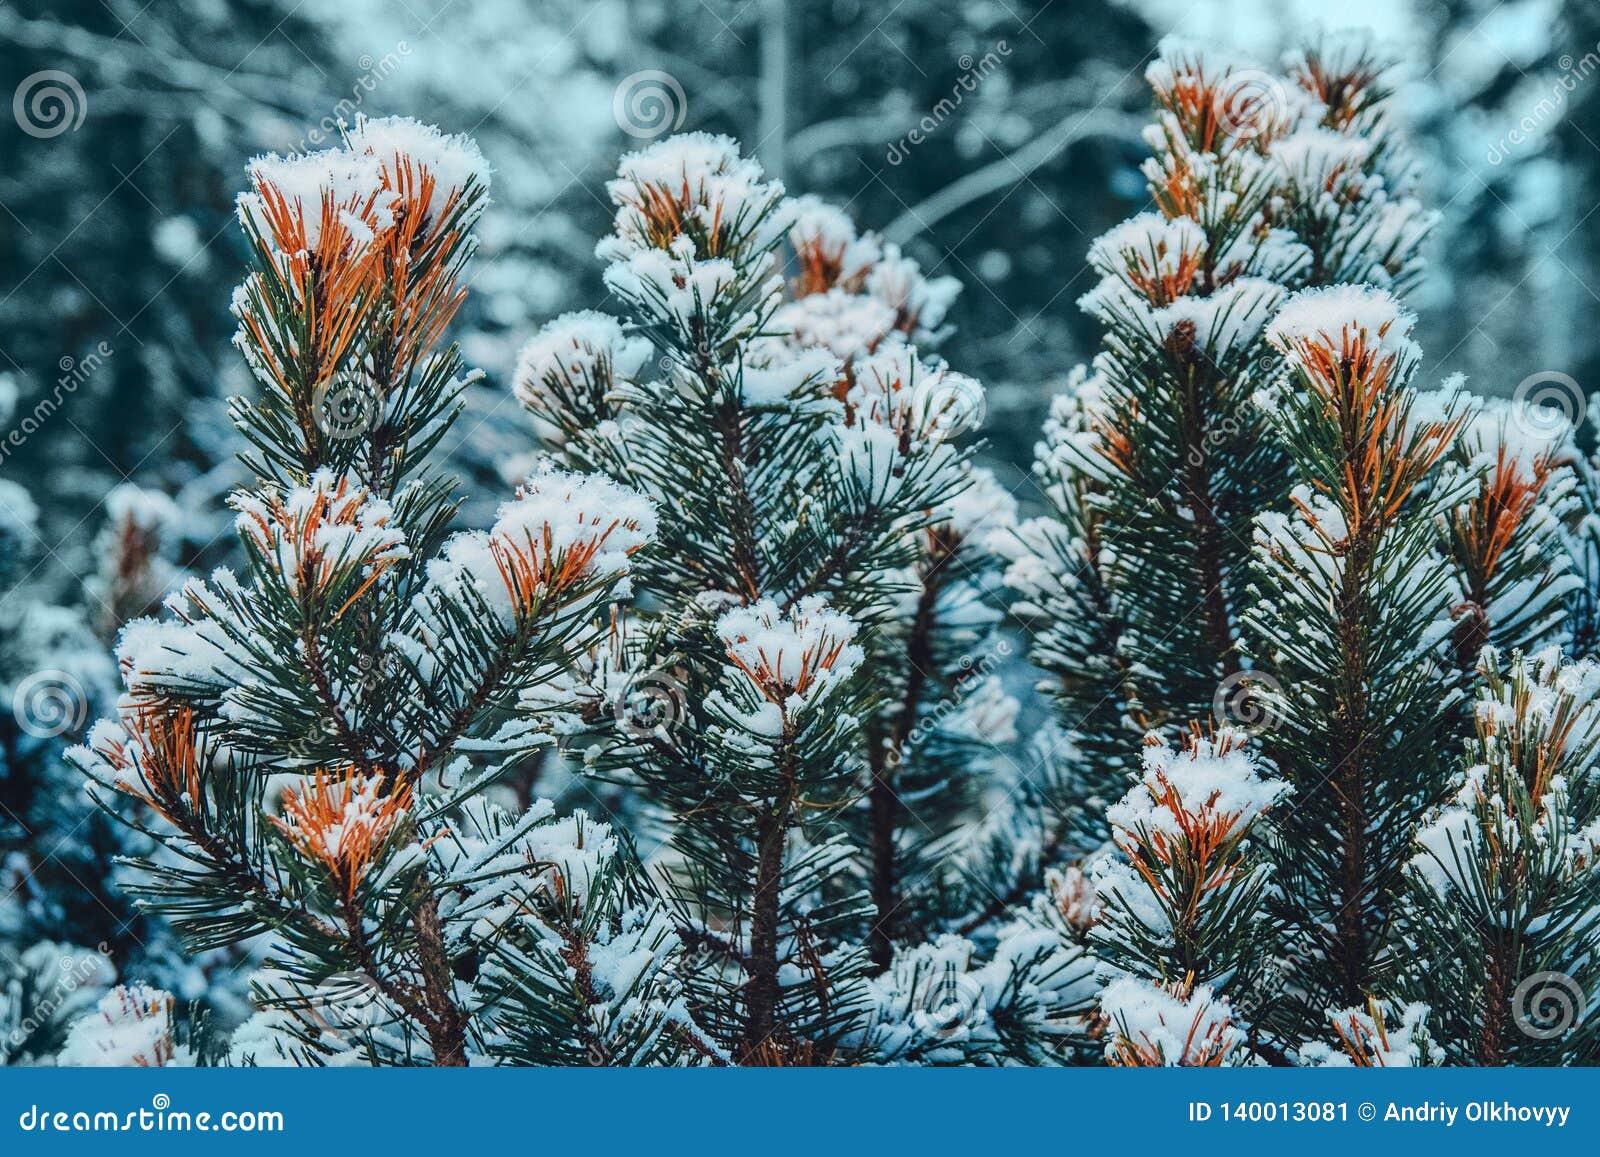 Op de groene takken van sparren of pijnboom is mooie witte sneeuw In de voorgrond een paar takken van pijnboom of sparren In